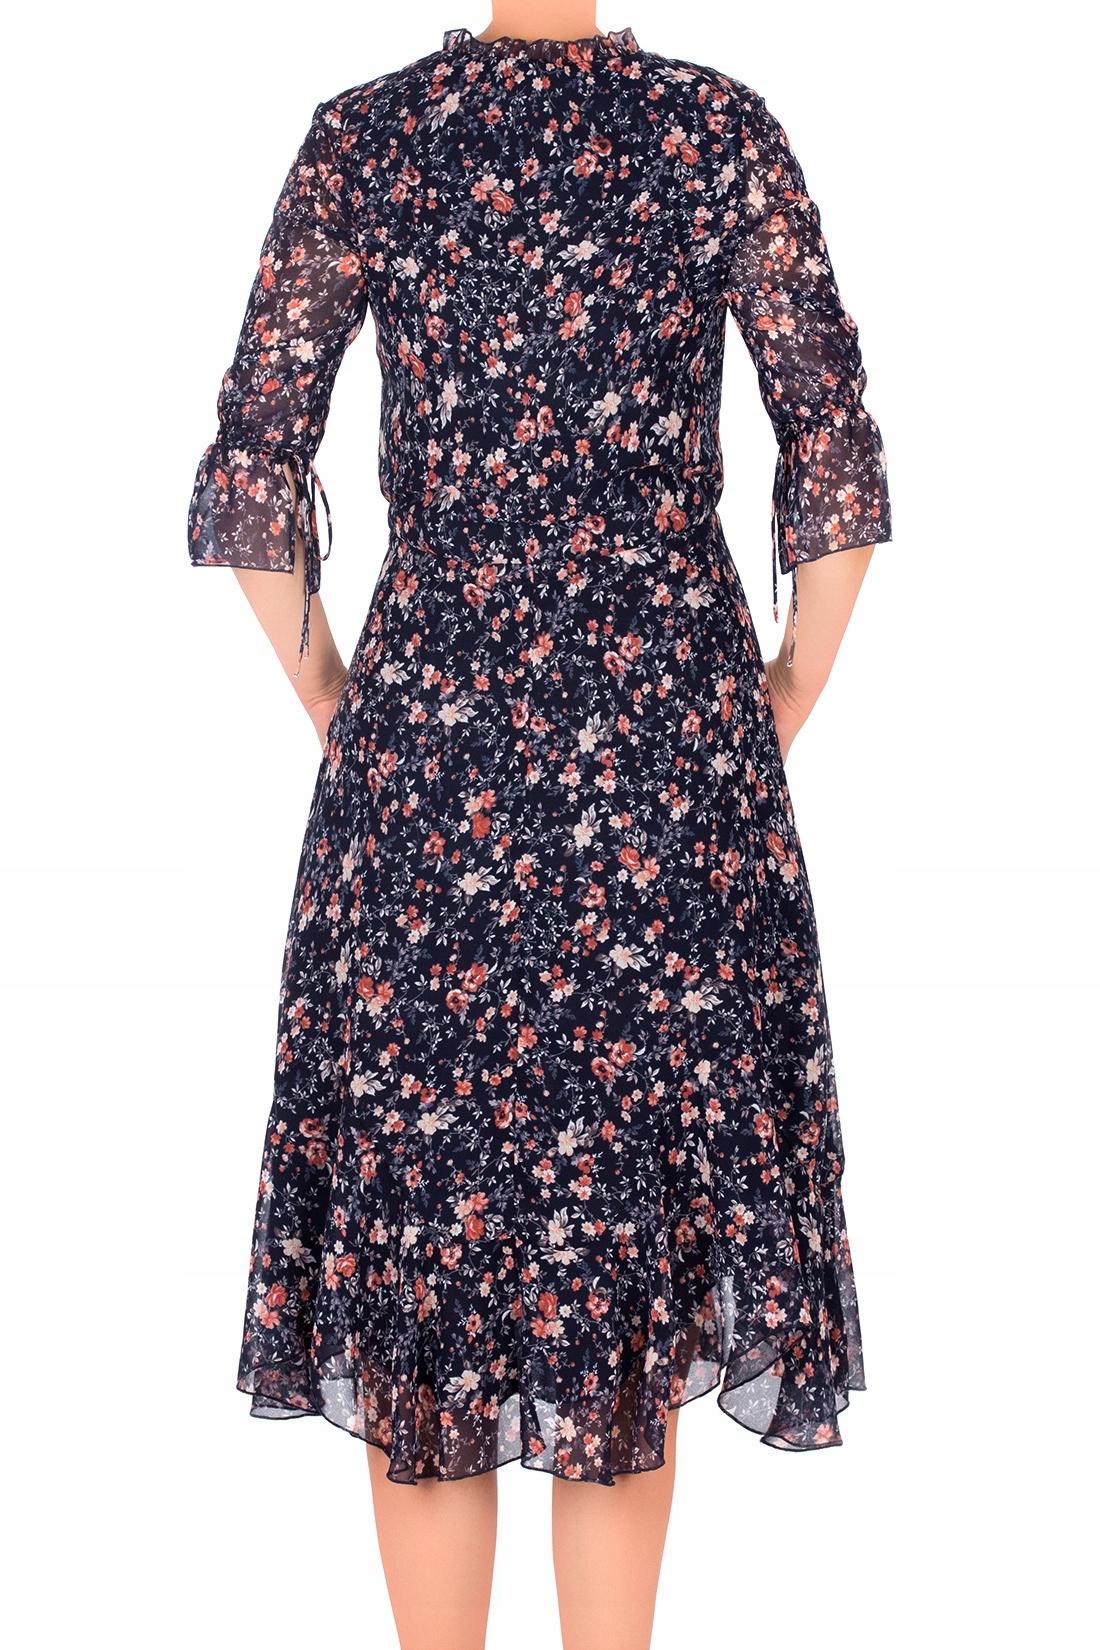 5f4b2a800e Zwiewna sukienka Aluna granatowa w kwiaty 44 MODON - 7475368638 ...